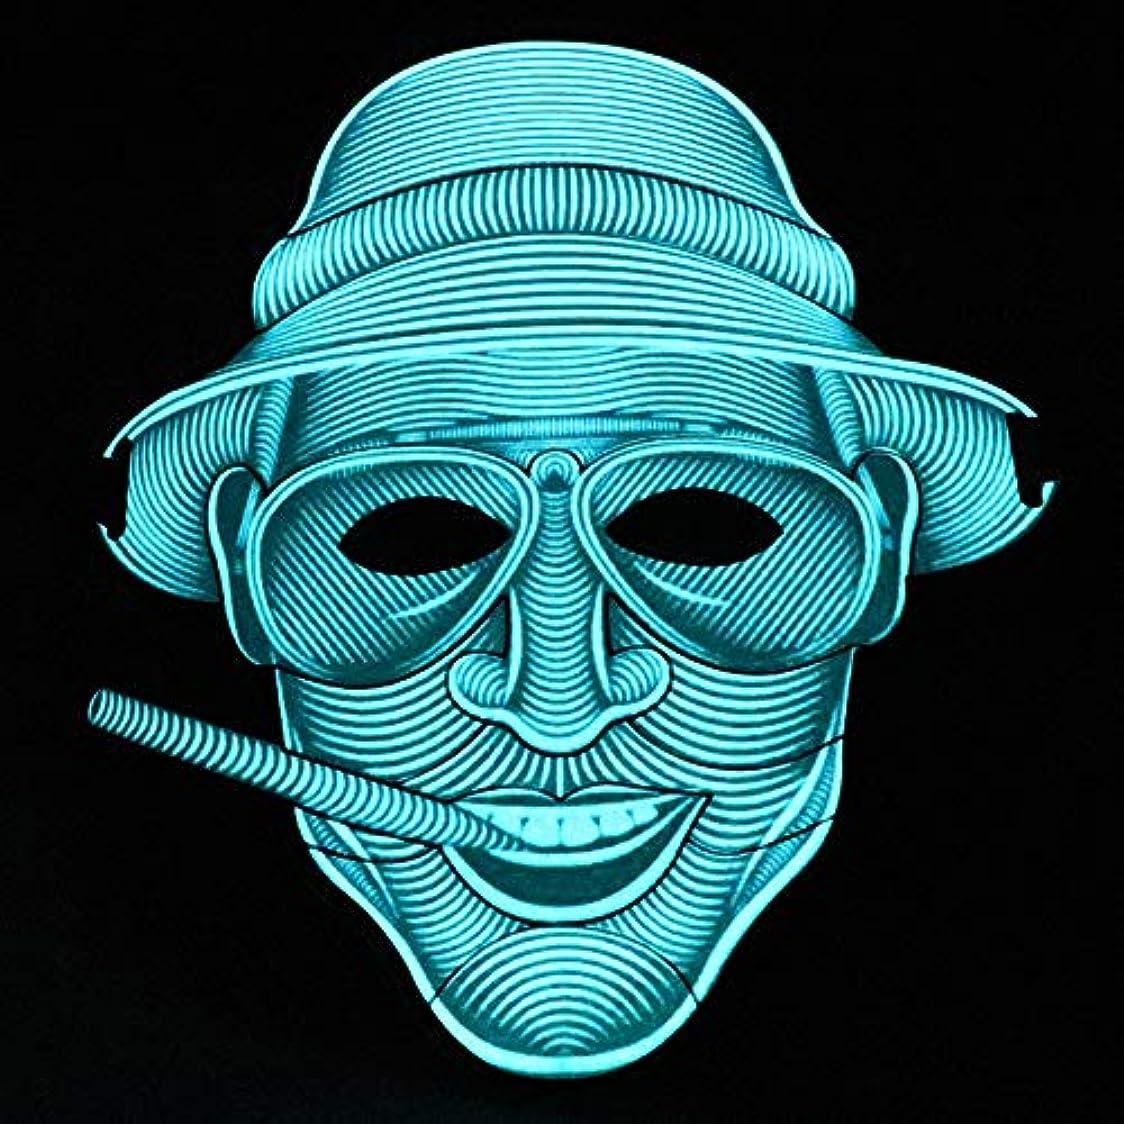 判定制限されたそれによって照らされたマスクLED創造的な冷光音響制御マスクハロウィンバーフェスティバルダンスマスク (Color : #4)